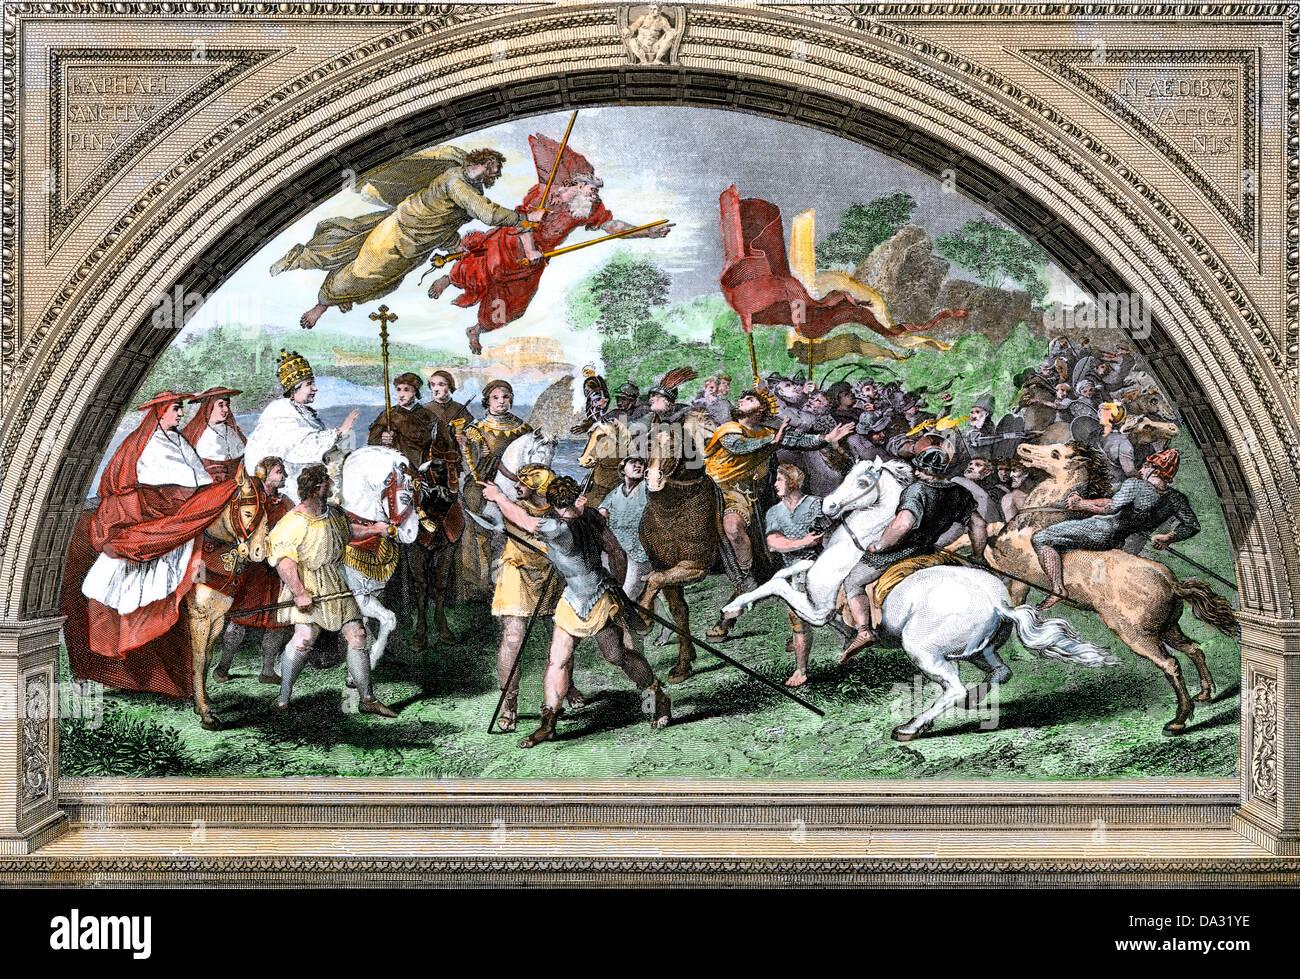 Attila et les Huns surmonter par les forces de la chrétienté. À la main, gravure sur bois Photo Stock